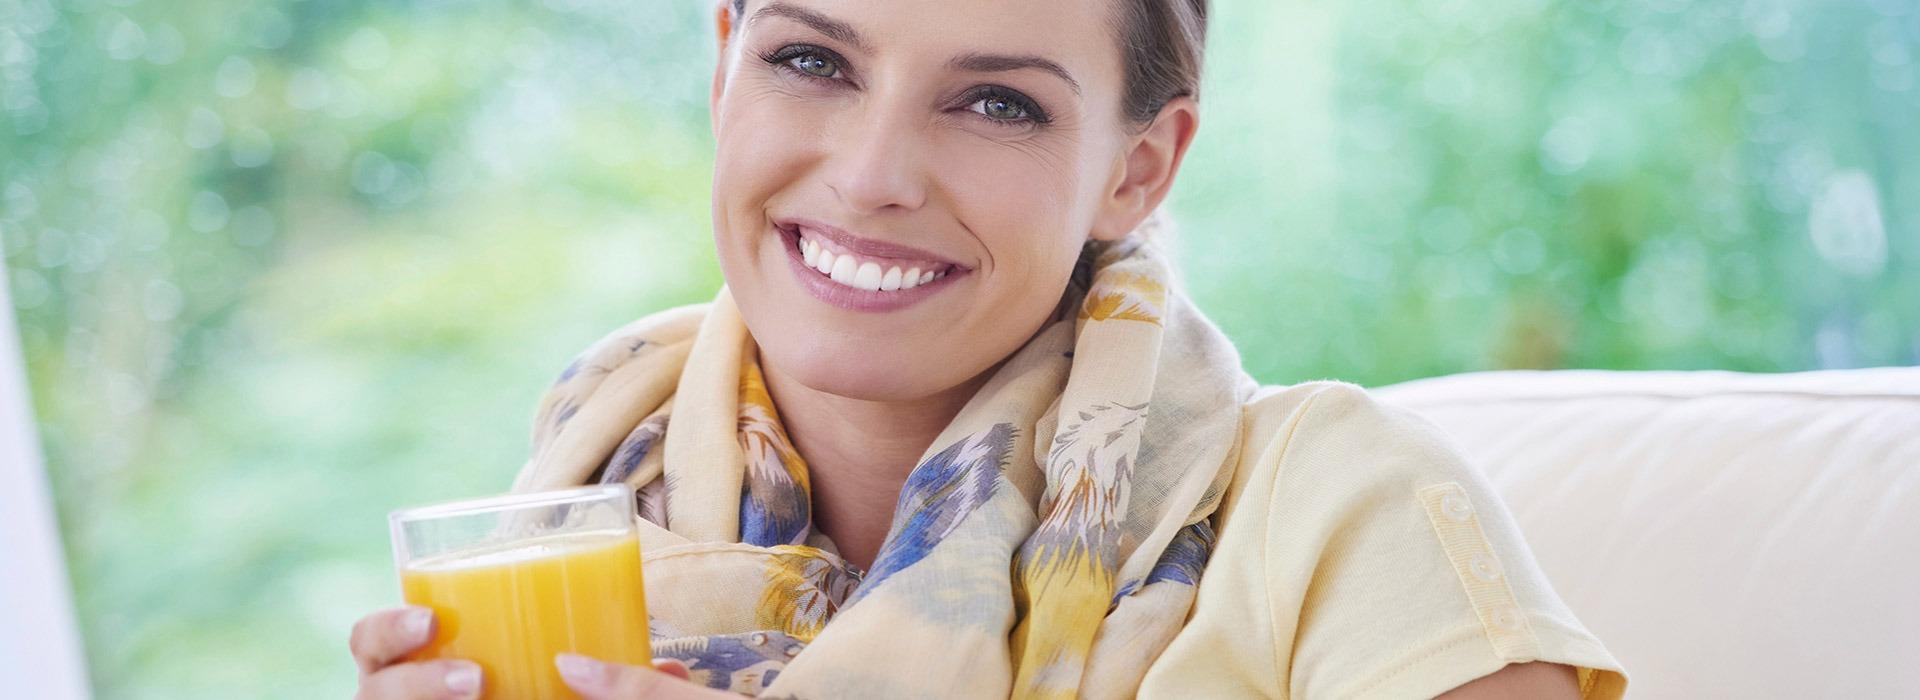 slide-donna-sorriso-bicchiere